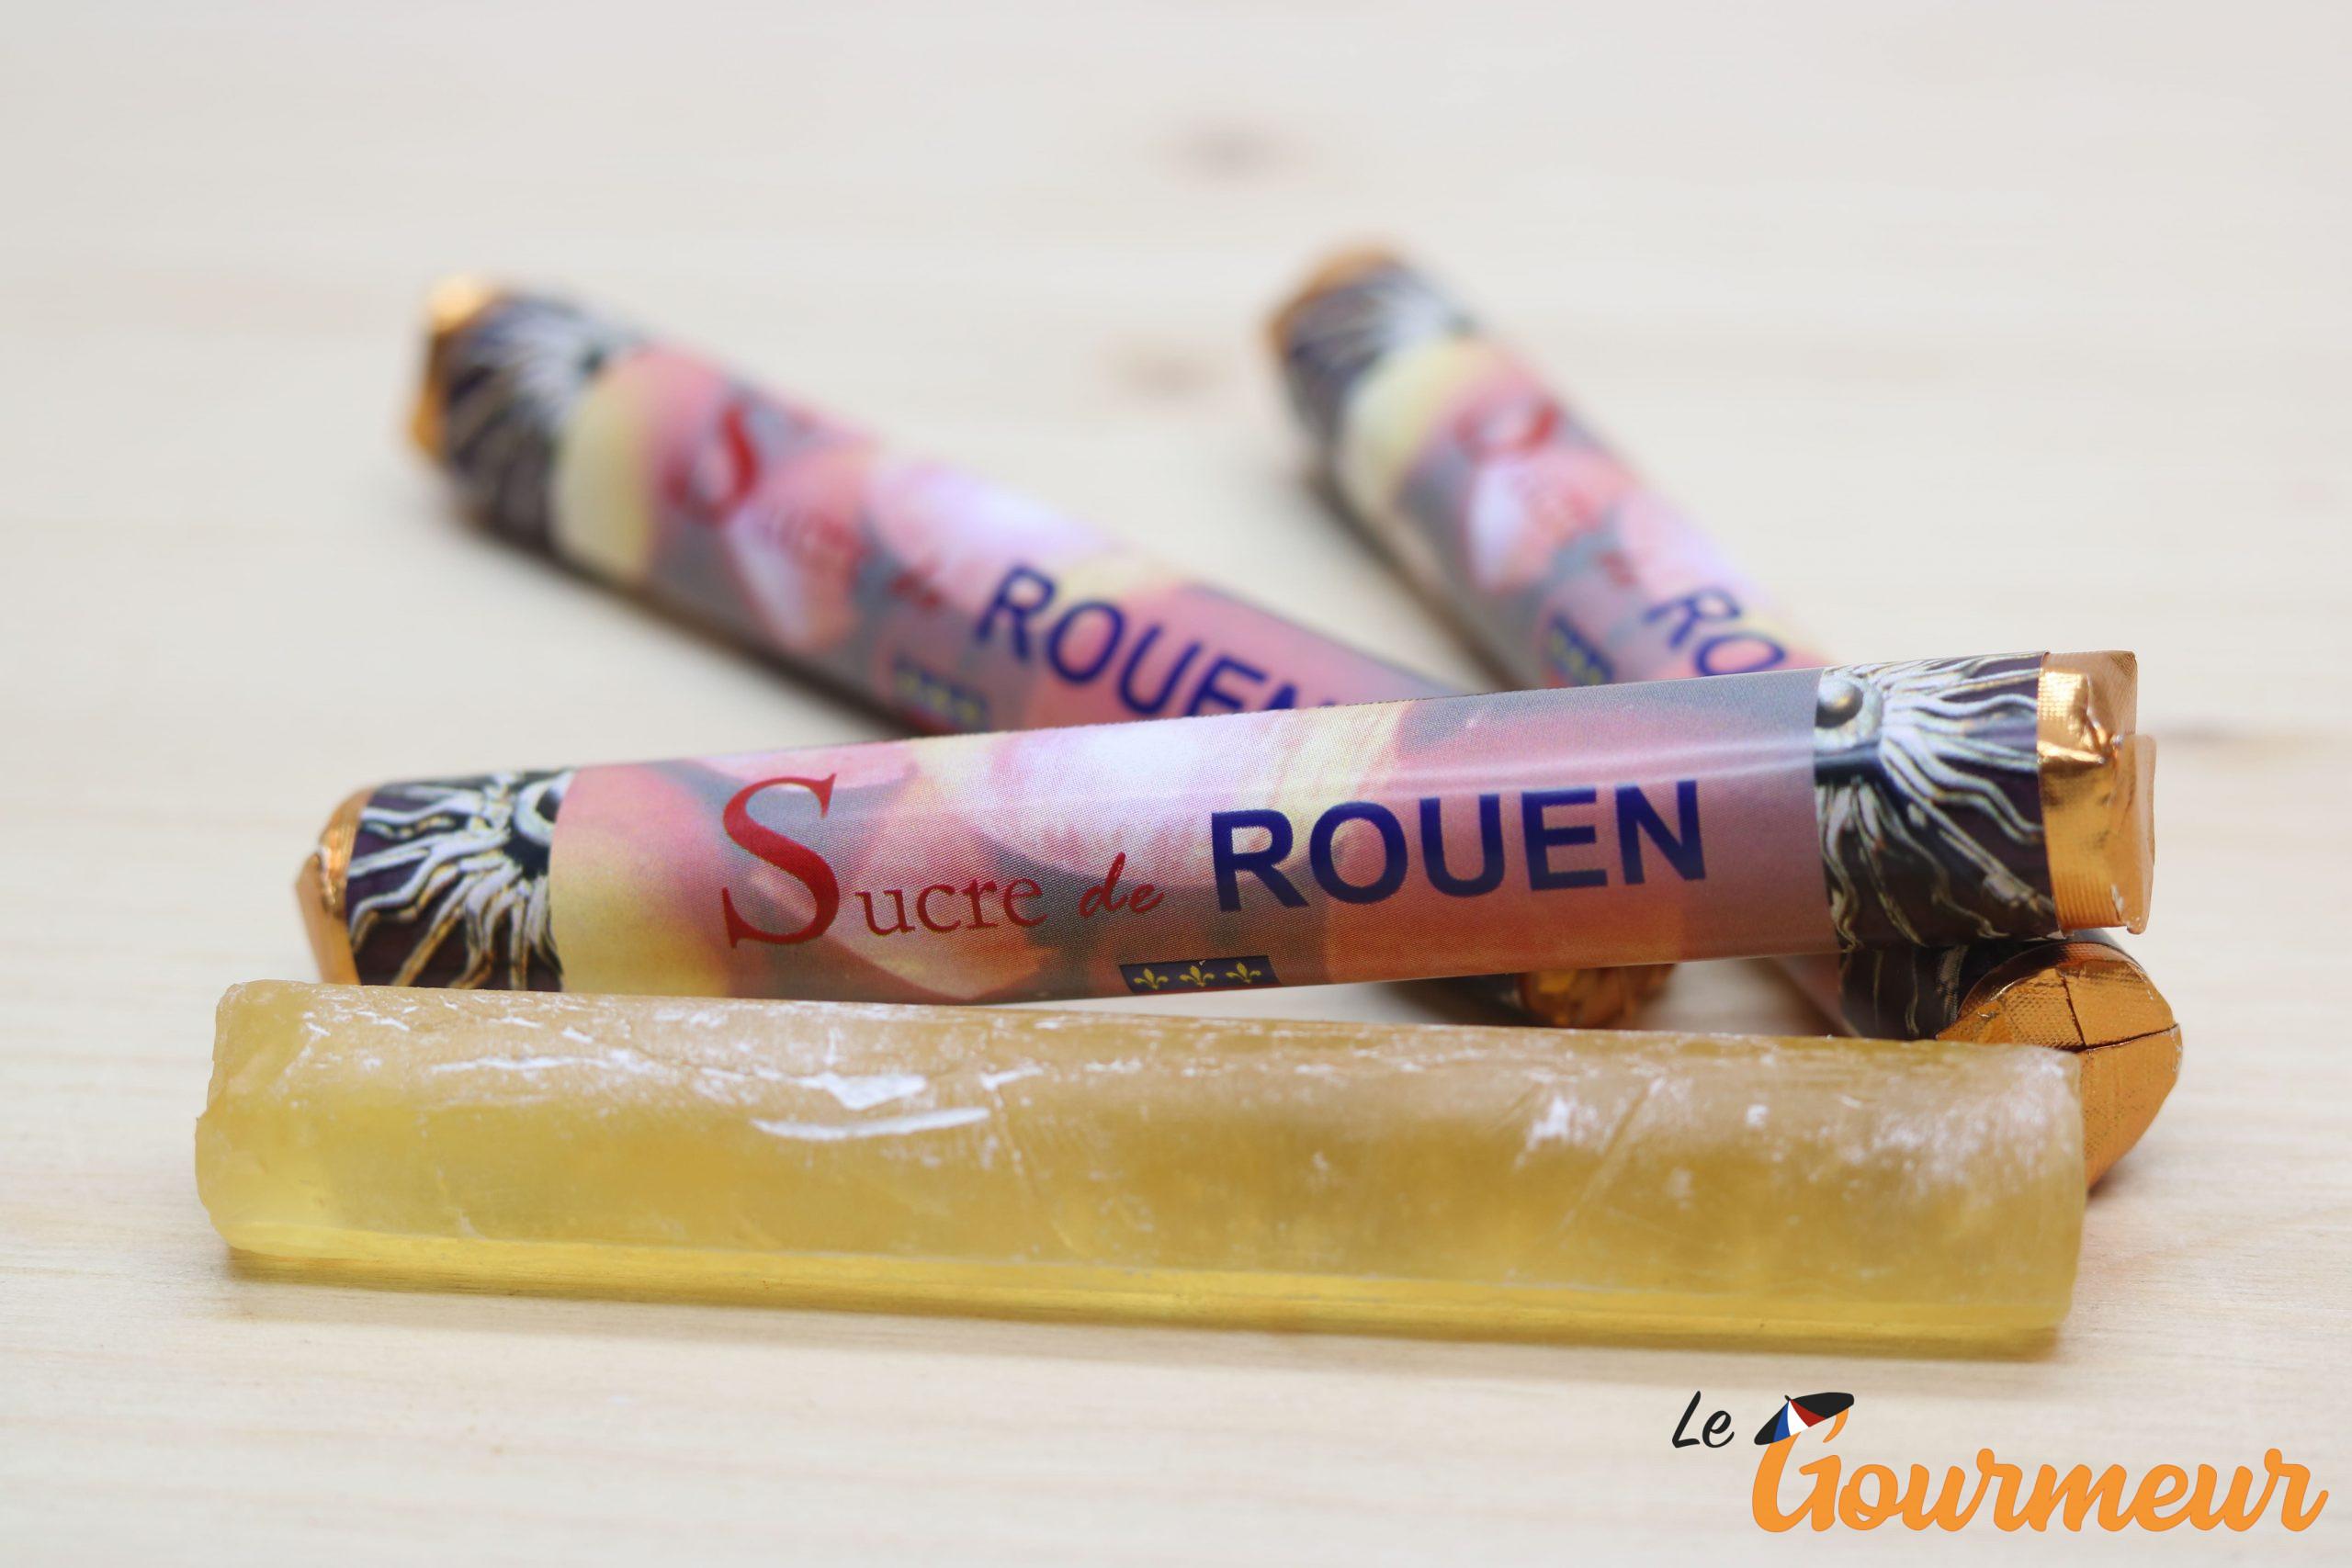 sucre de rouen confiserie spécialité de rouen